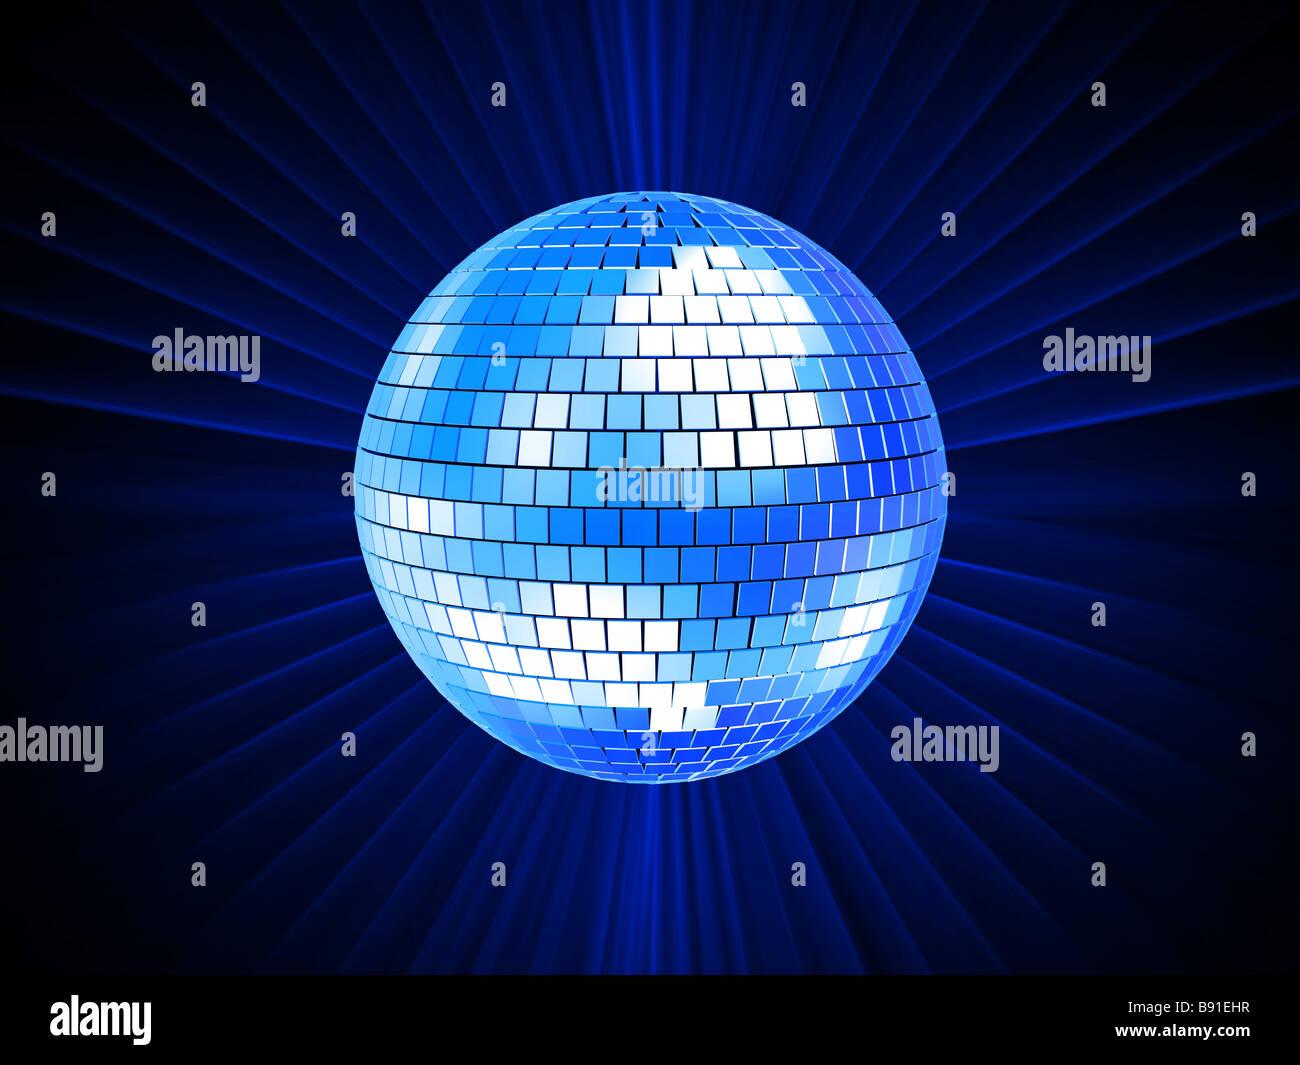 Blu sfera discoteca Immagini Stock